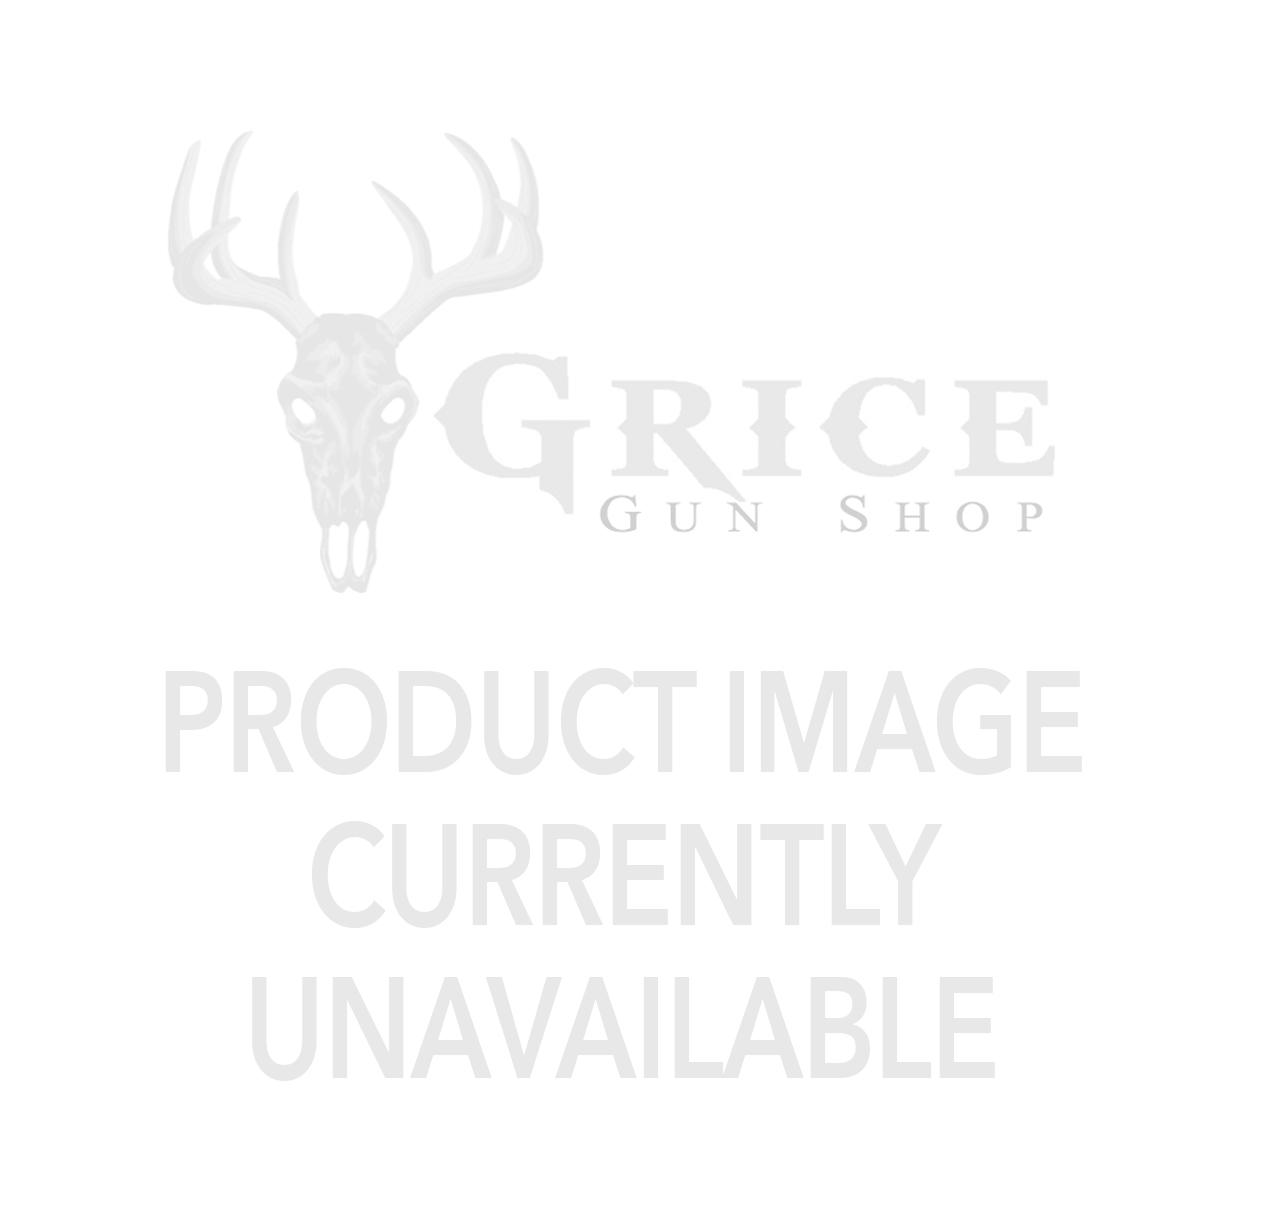 Mossberg - 590 Shockwave 12ga